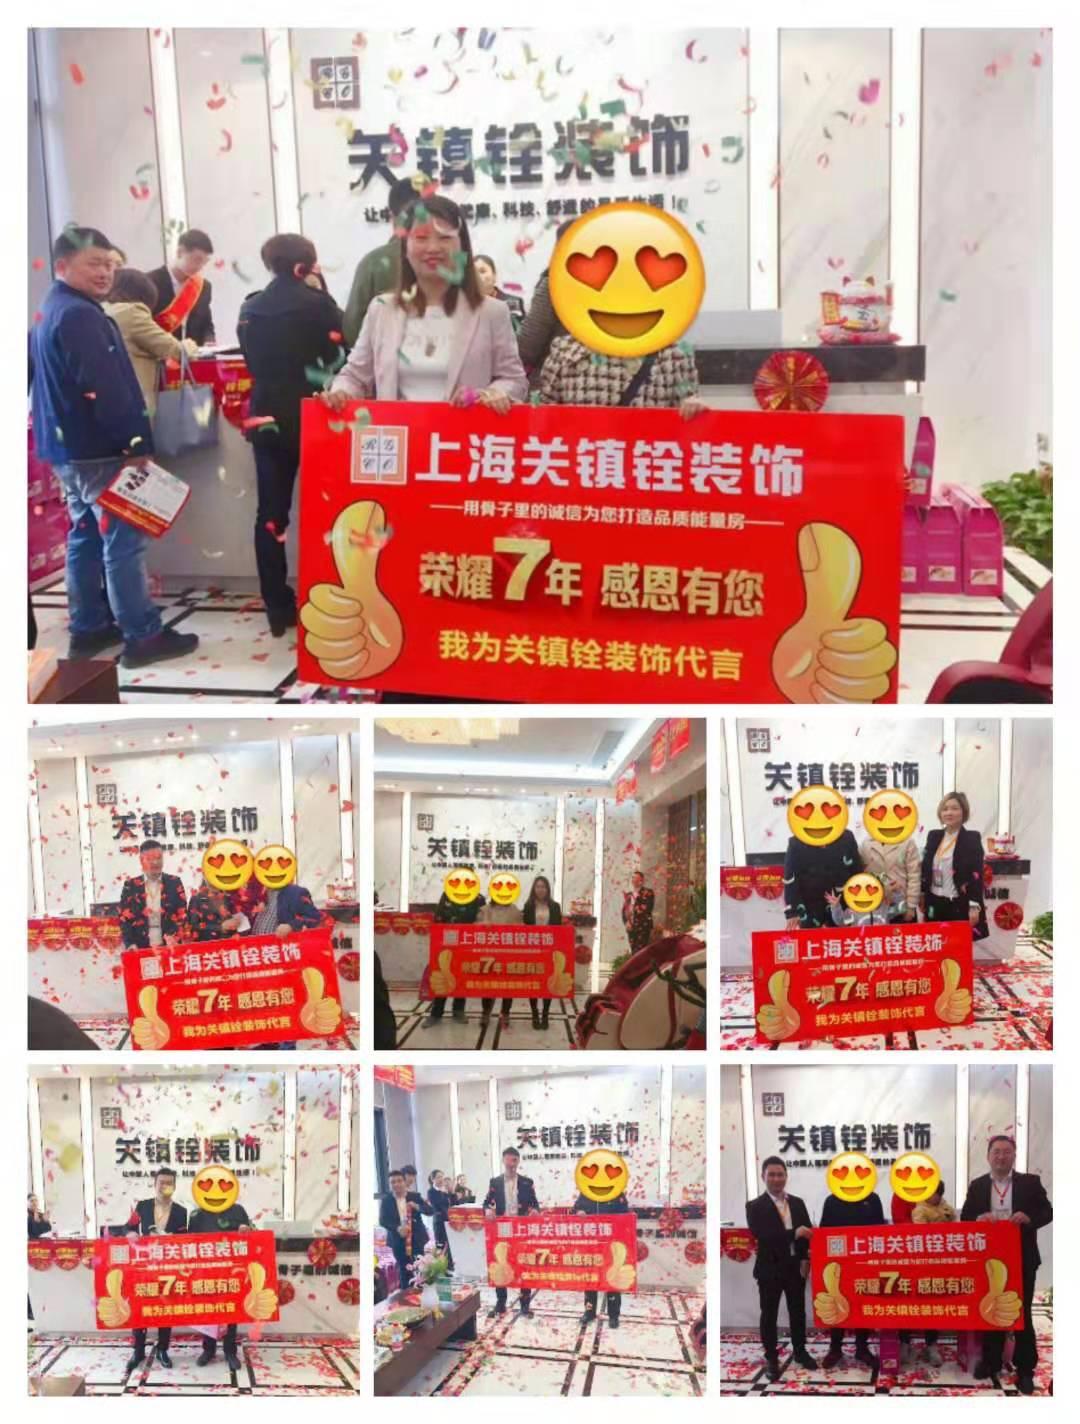 襄阳关镇铨周年庆活动现场